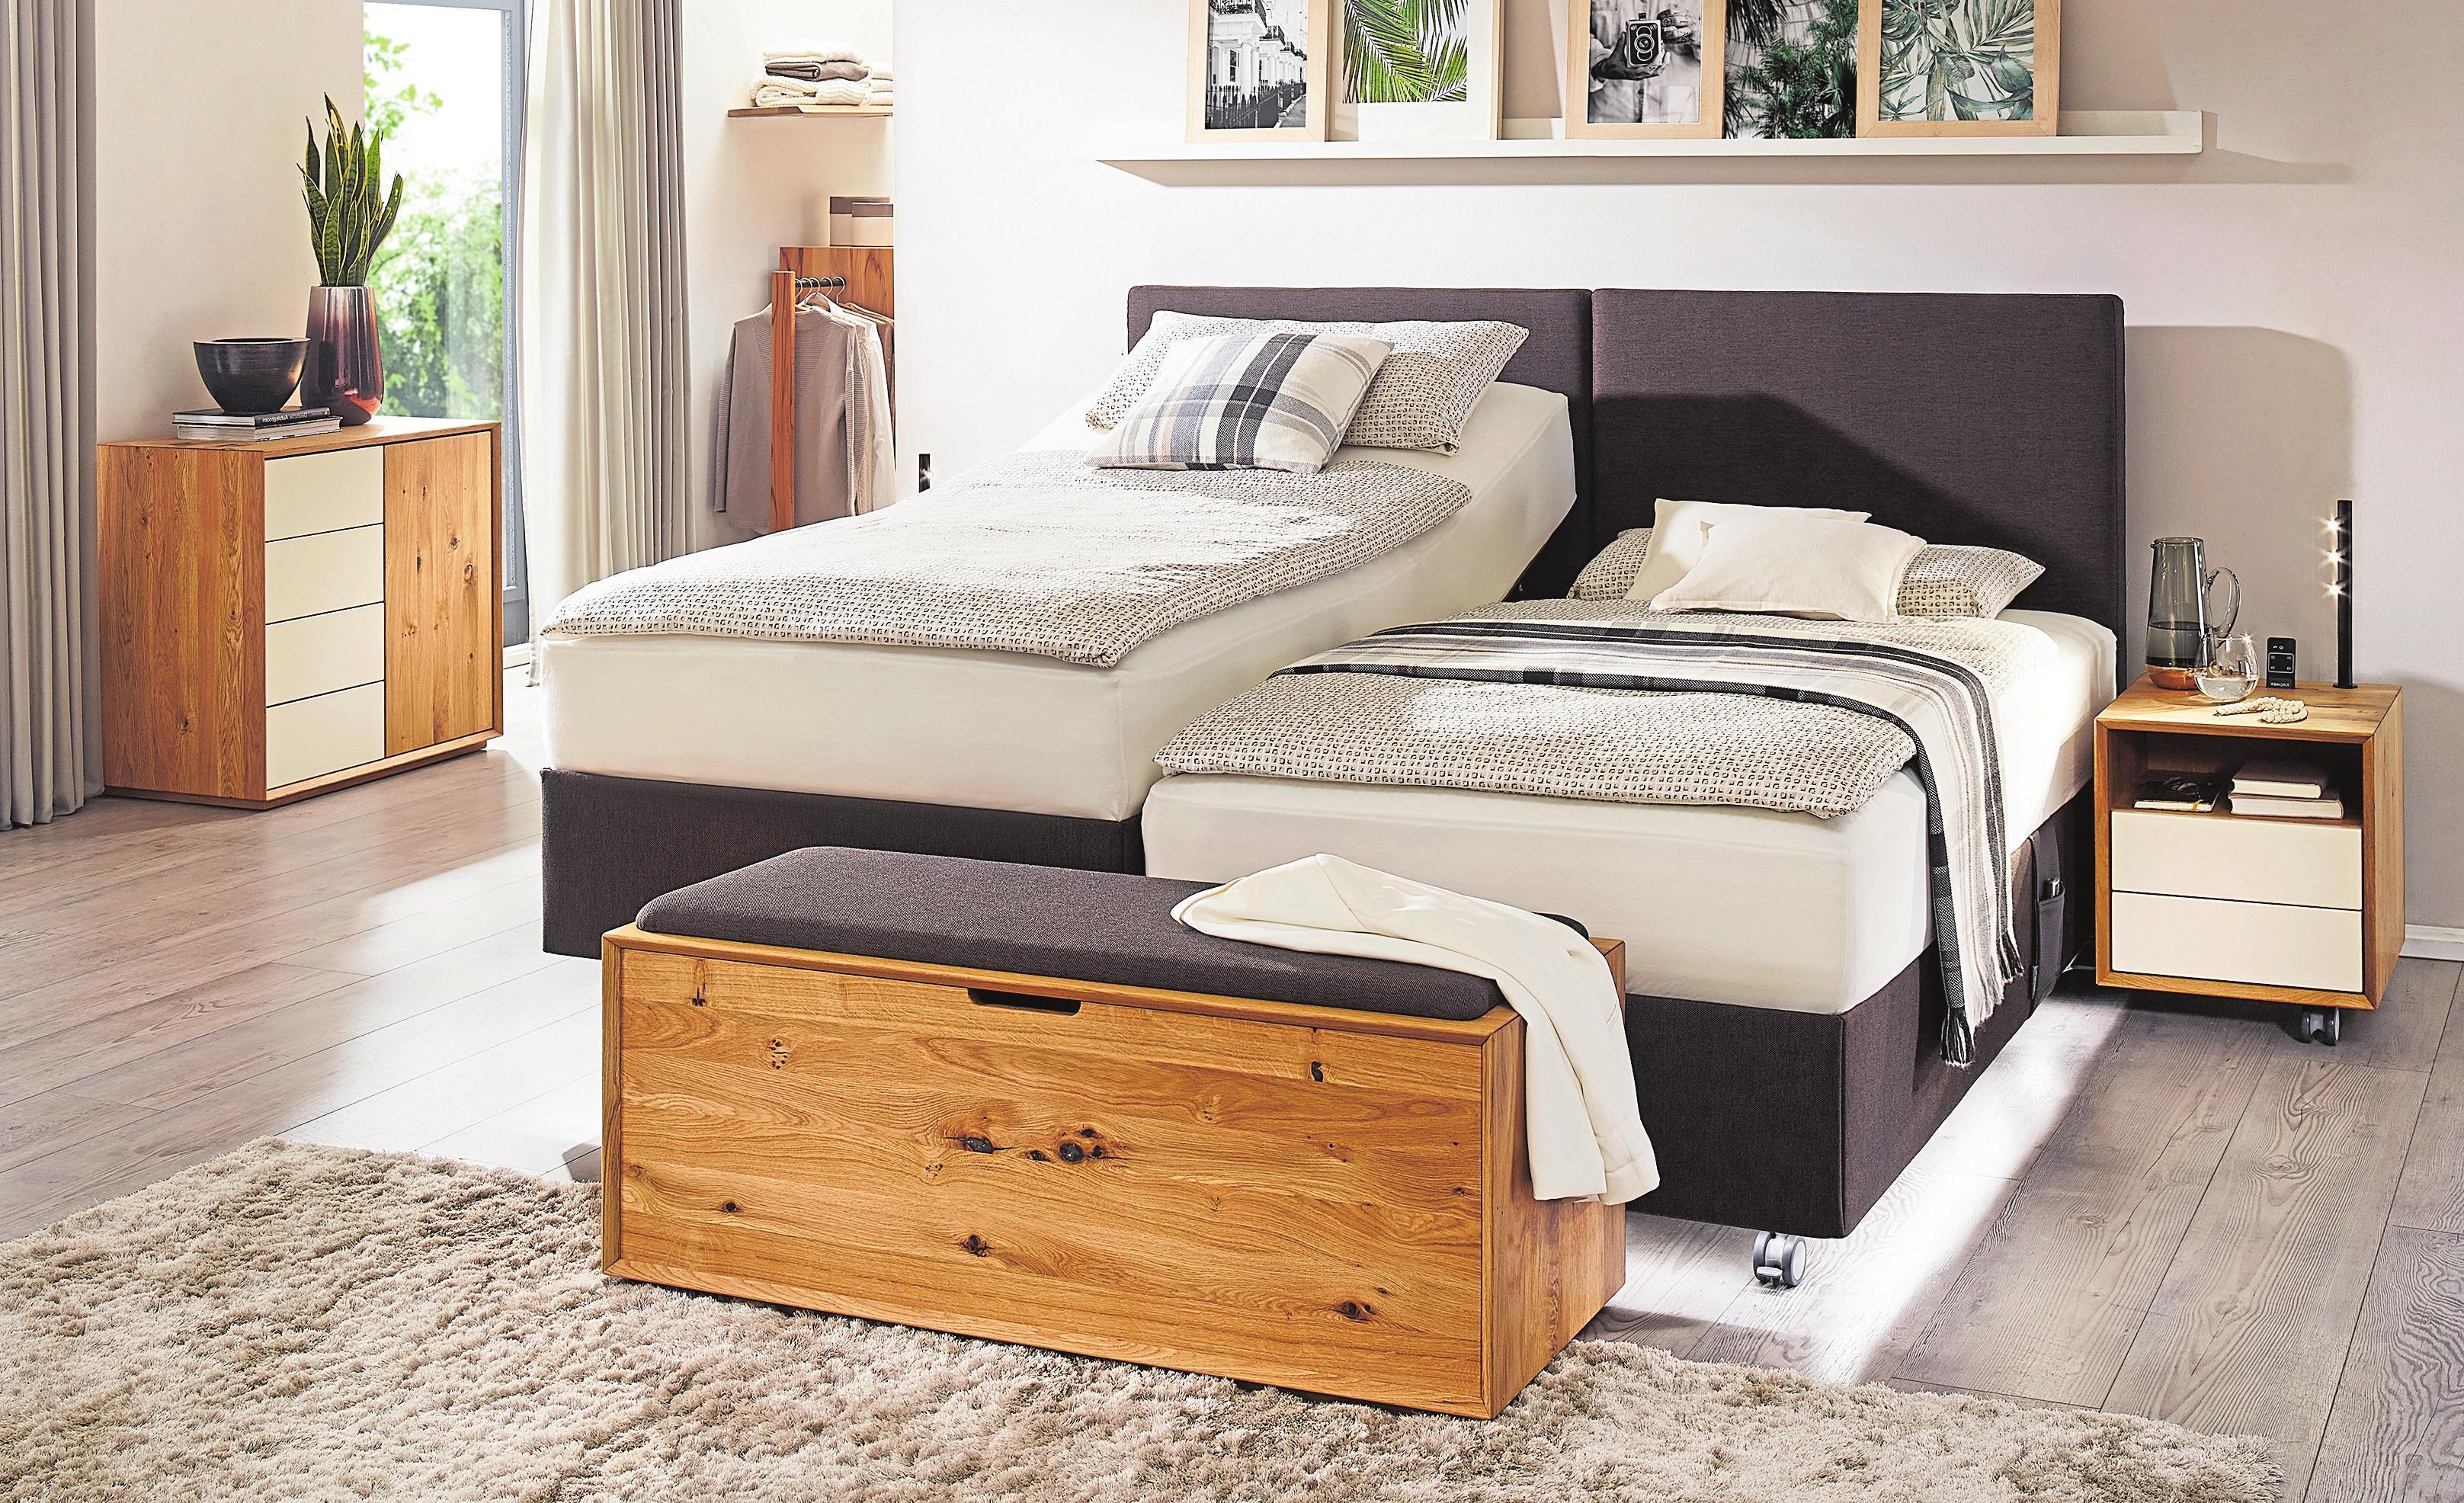 Kirchner realisiert individuelle Einzel- oder Duobetten mit hoher Funktionalität in modernem oder klassischem Design.